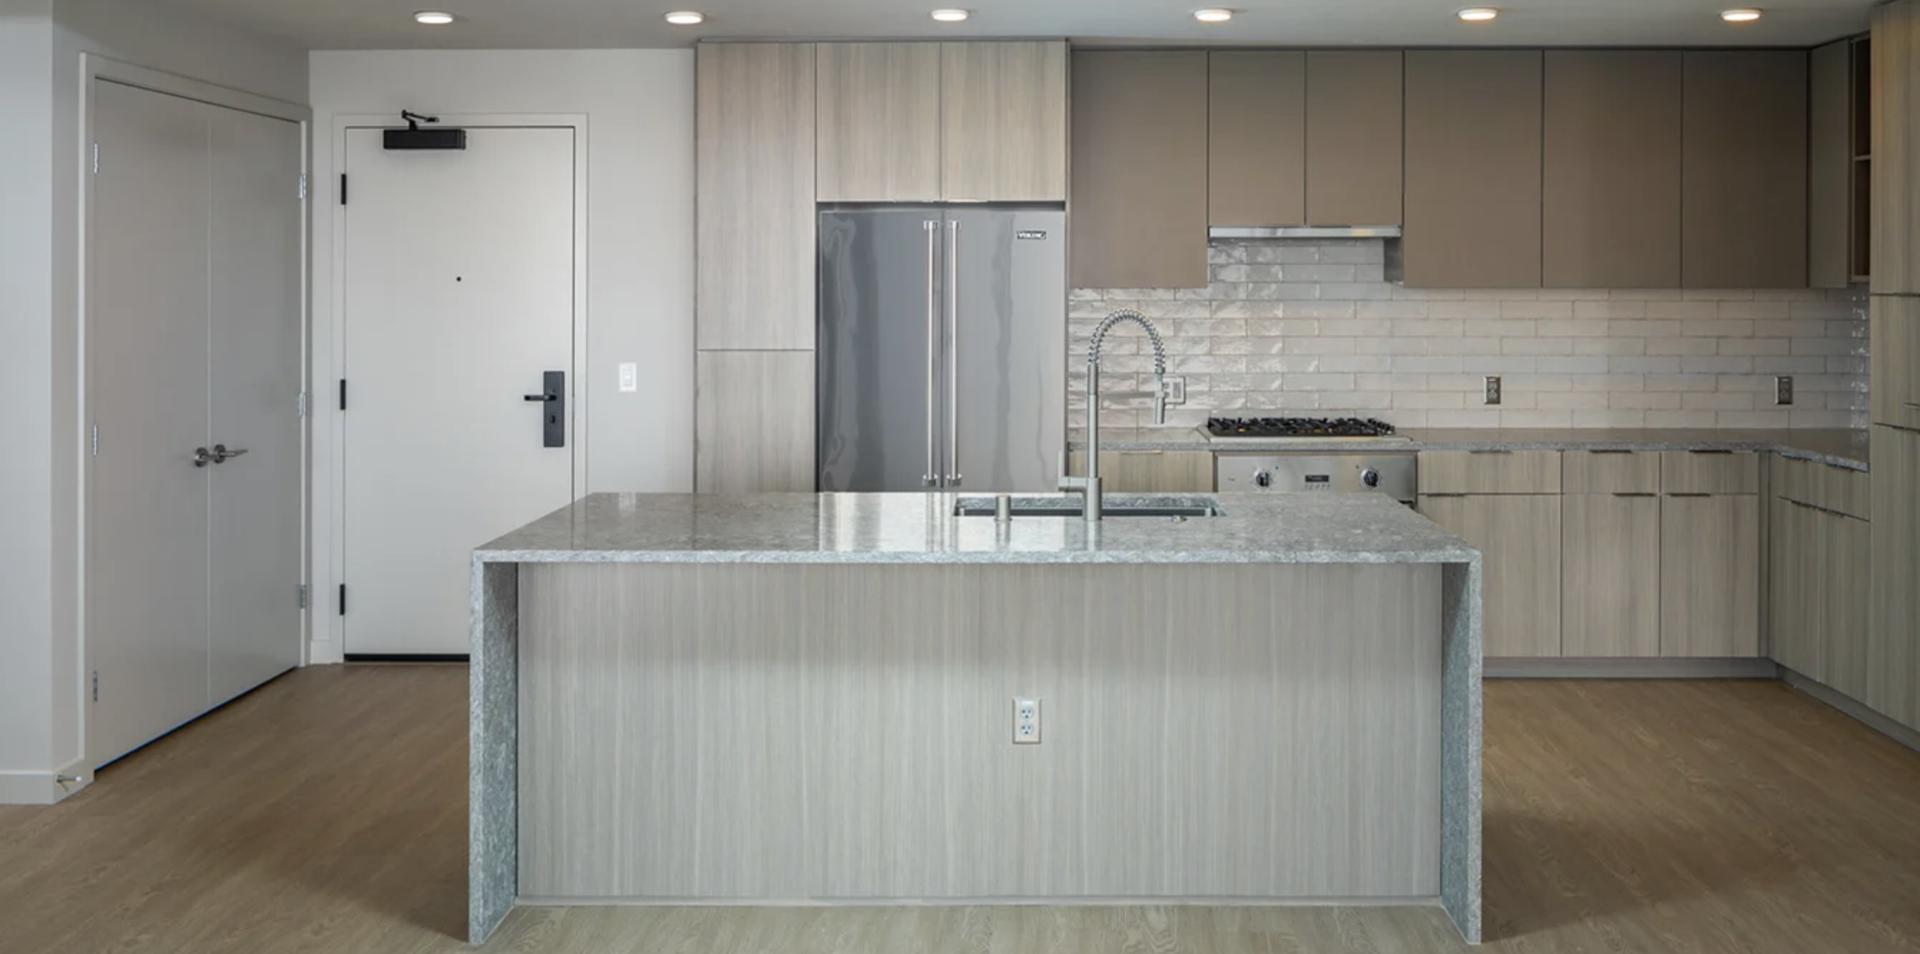 601 11th Avenue #0805, San Diego, CA - $4,725 USD/ month